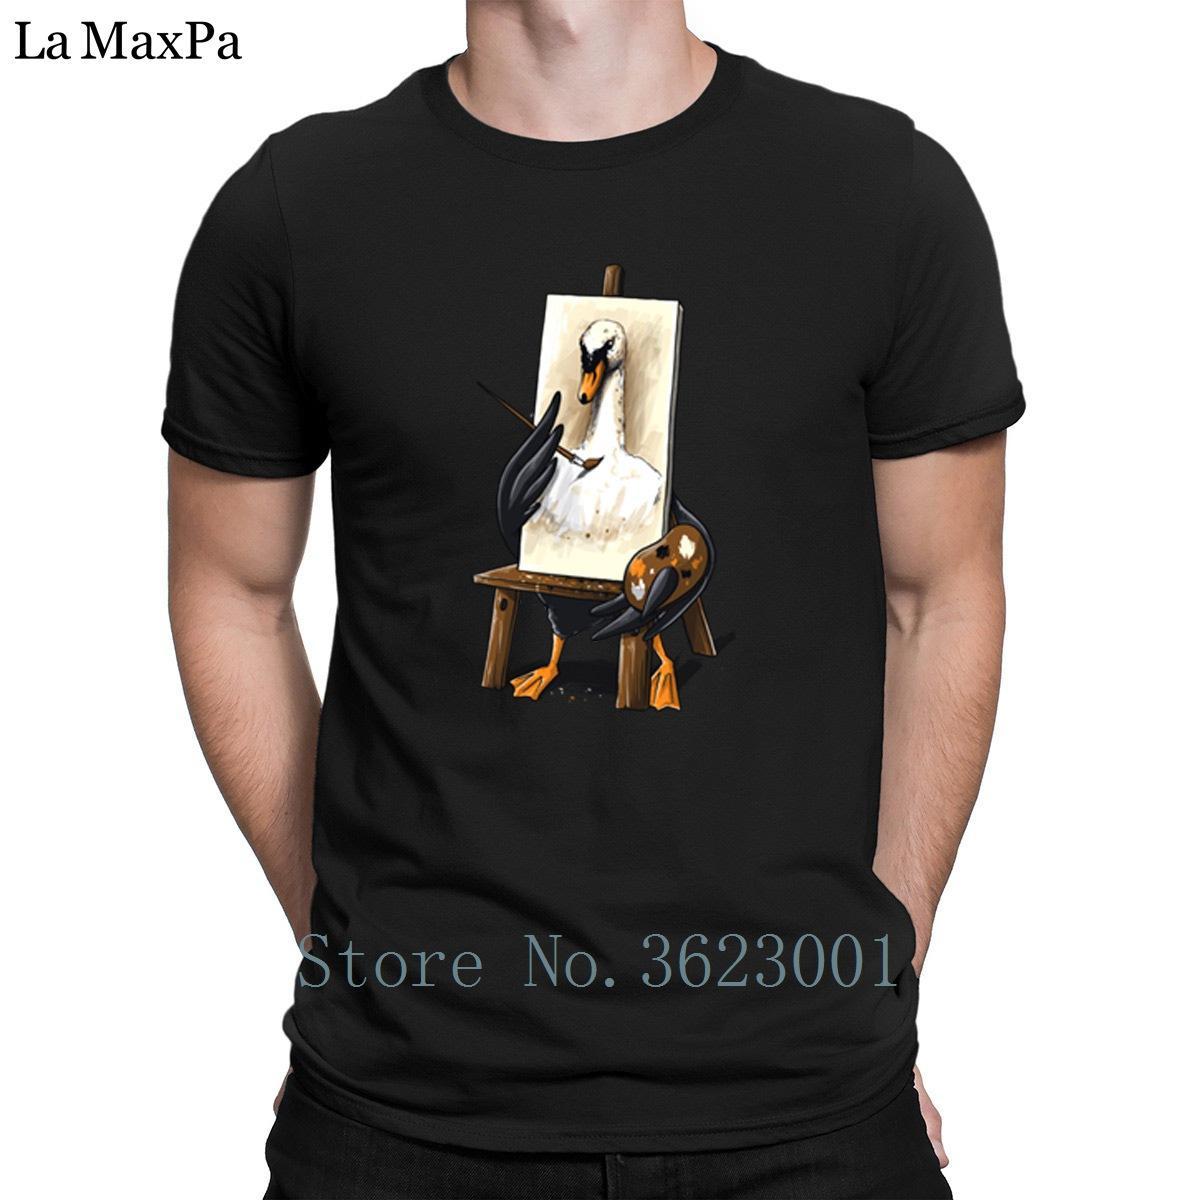 Designer Hiphop T-shirt pour hommes vilain petit canard T-shirt homme gentil Quirky T-shirt pour les hommes S-3XL T-shirt homme vêtements naturels